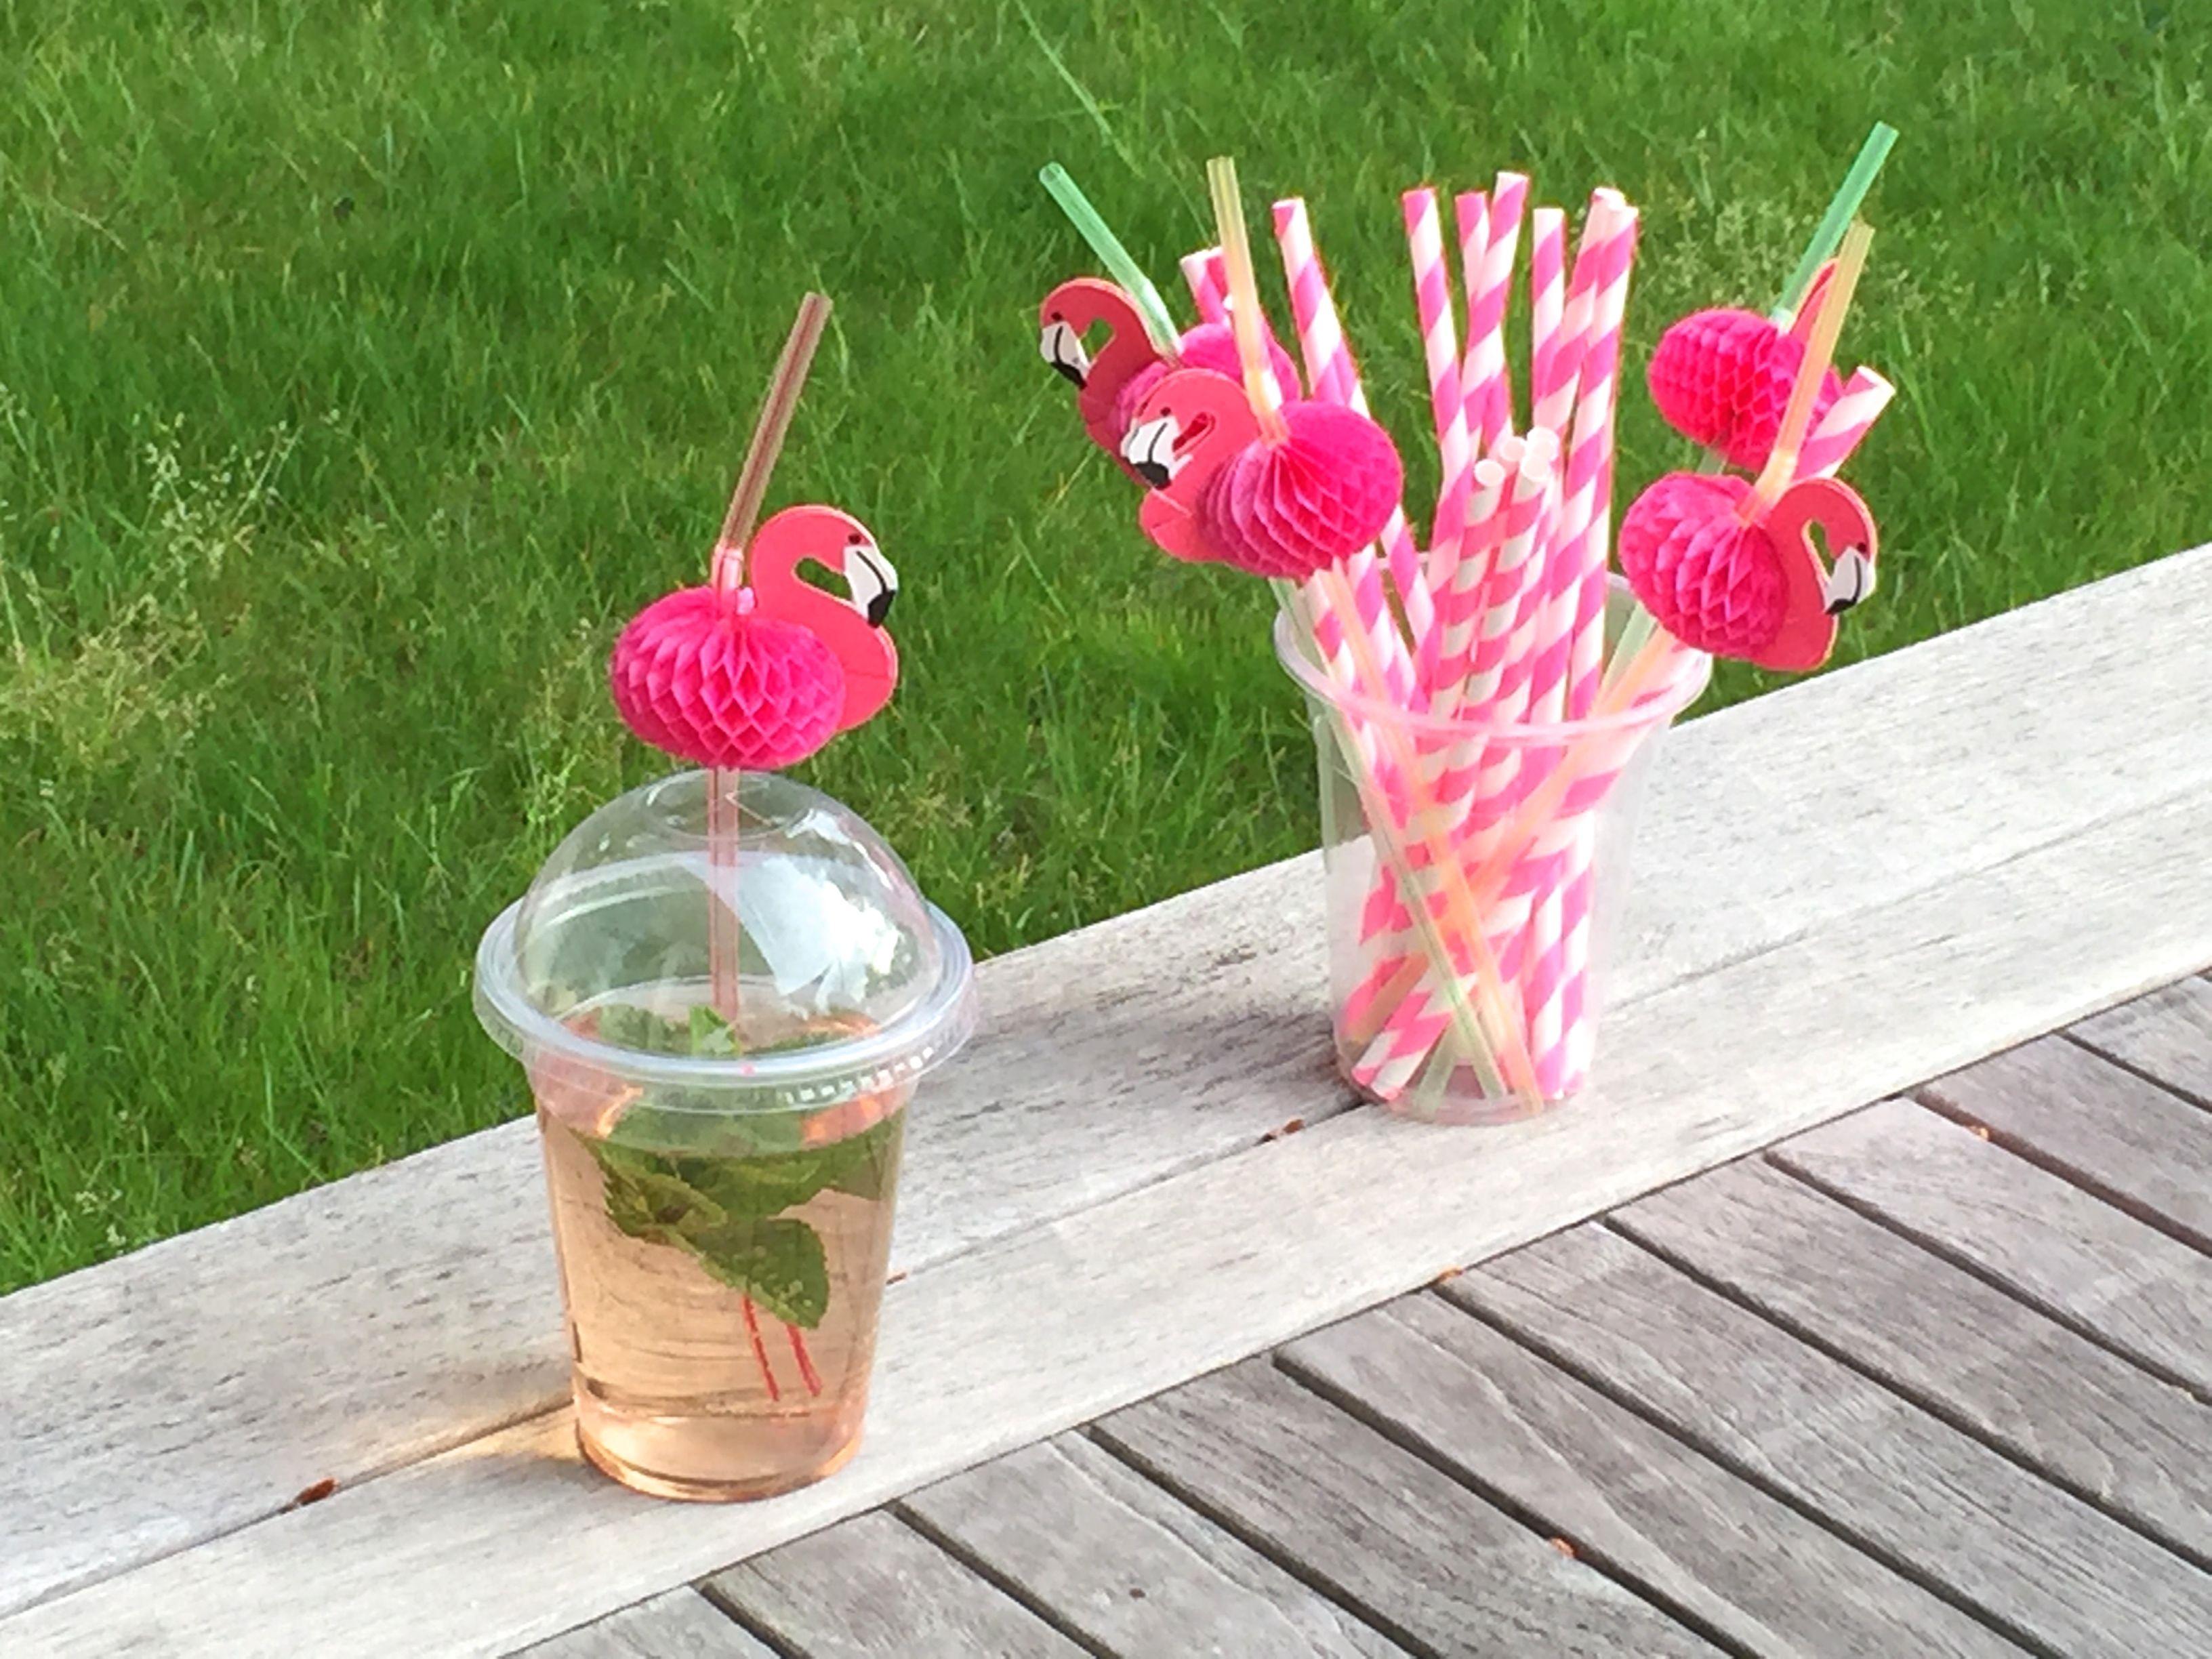 Pailles flamant roses pour les cocktails de l'été Flamingo straws for summer parties